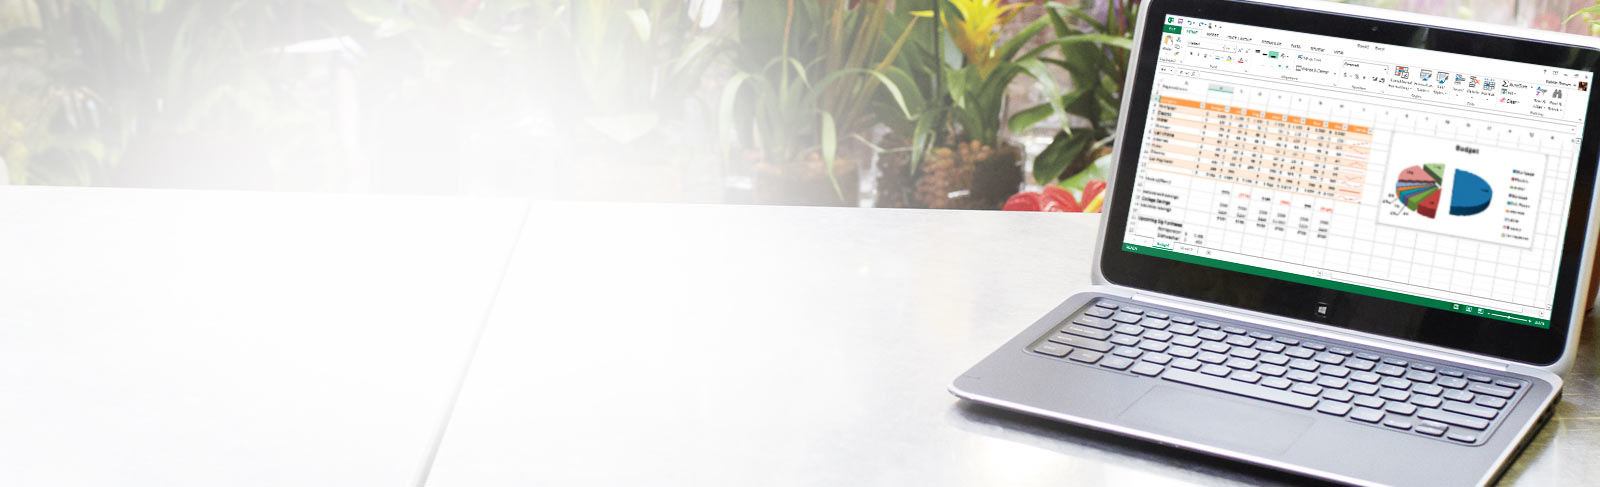 Ordinateur portable affichant une feuille de calcul Microsoft Excel contenant un graphique.